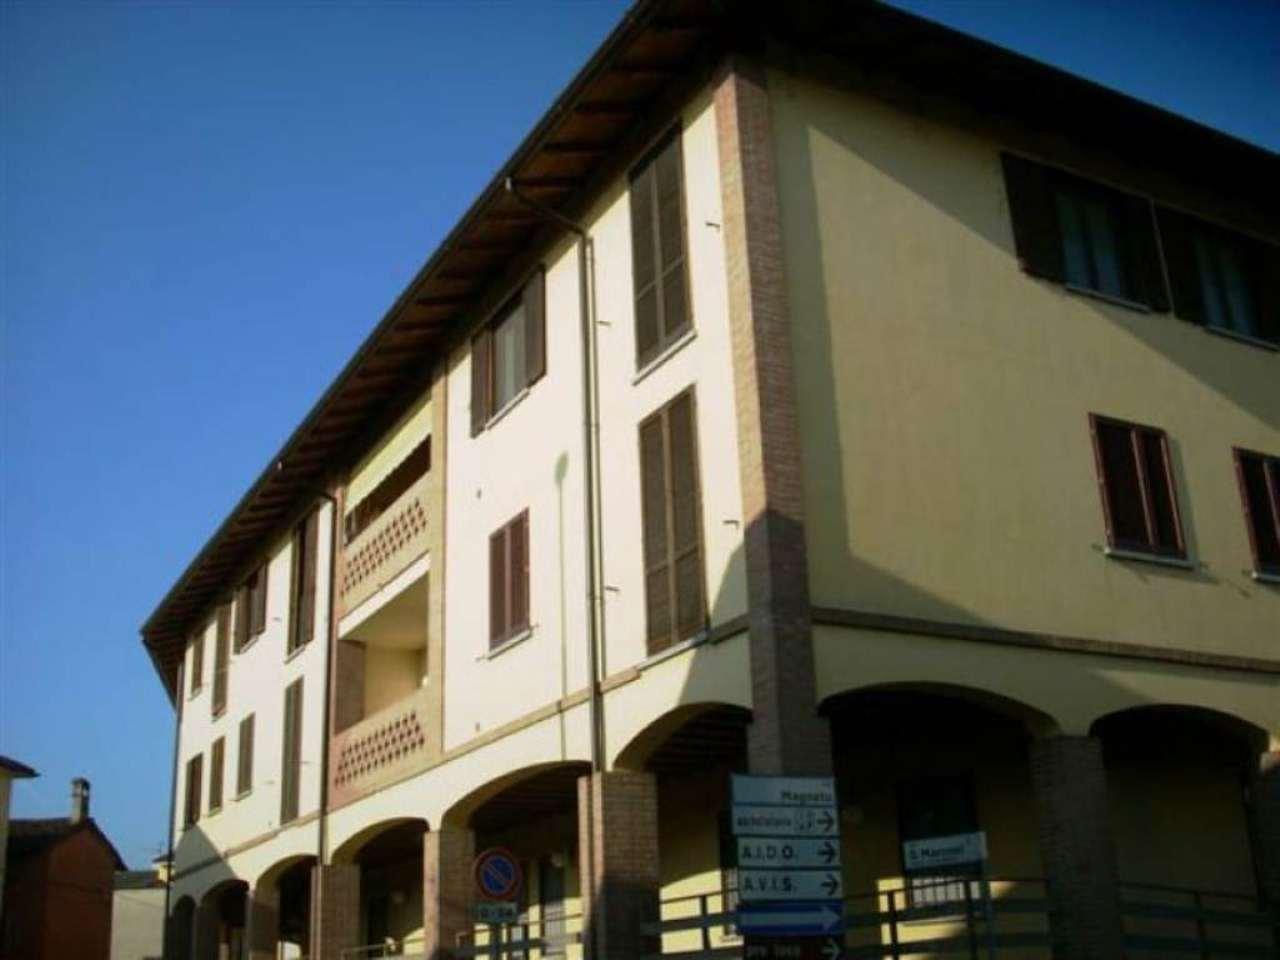 Appartamento in vendita a Palazzo Pignano, 3 locali, prezzo € 95.000 | Cambio Casa.it